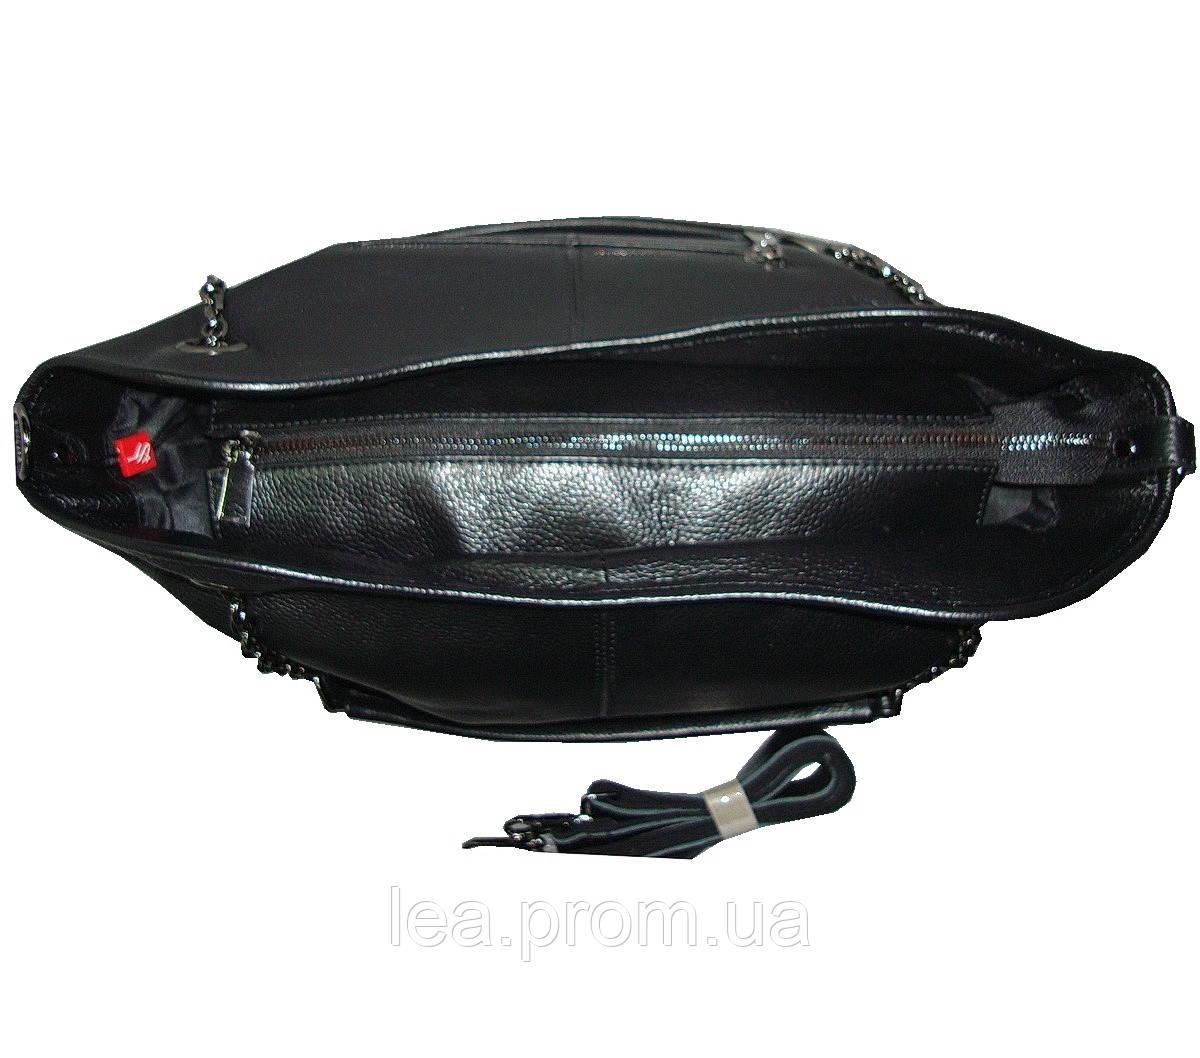 aabf2f68b850 Женская сумка натуральная кожа мягкая Vito Torelli 15681 чёрная , цена 2  000 грн., купить в Киеве — Prom.ua (ID#925293484)